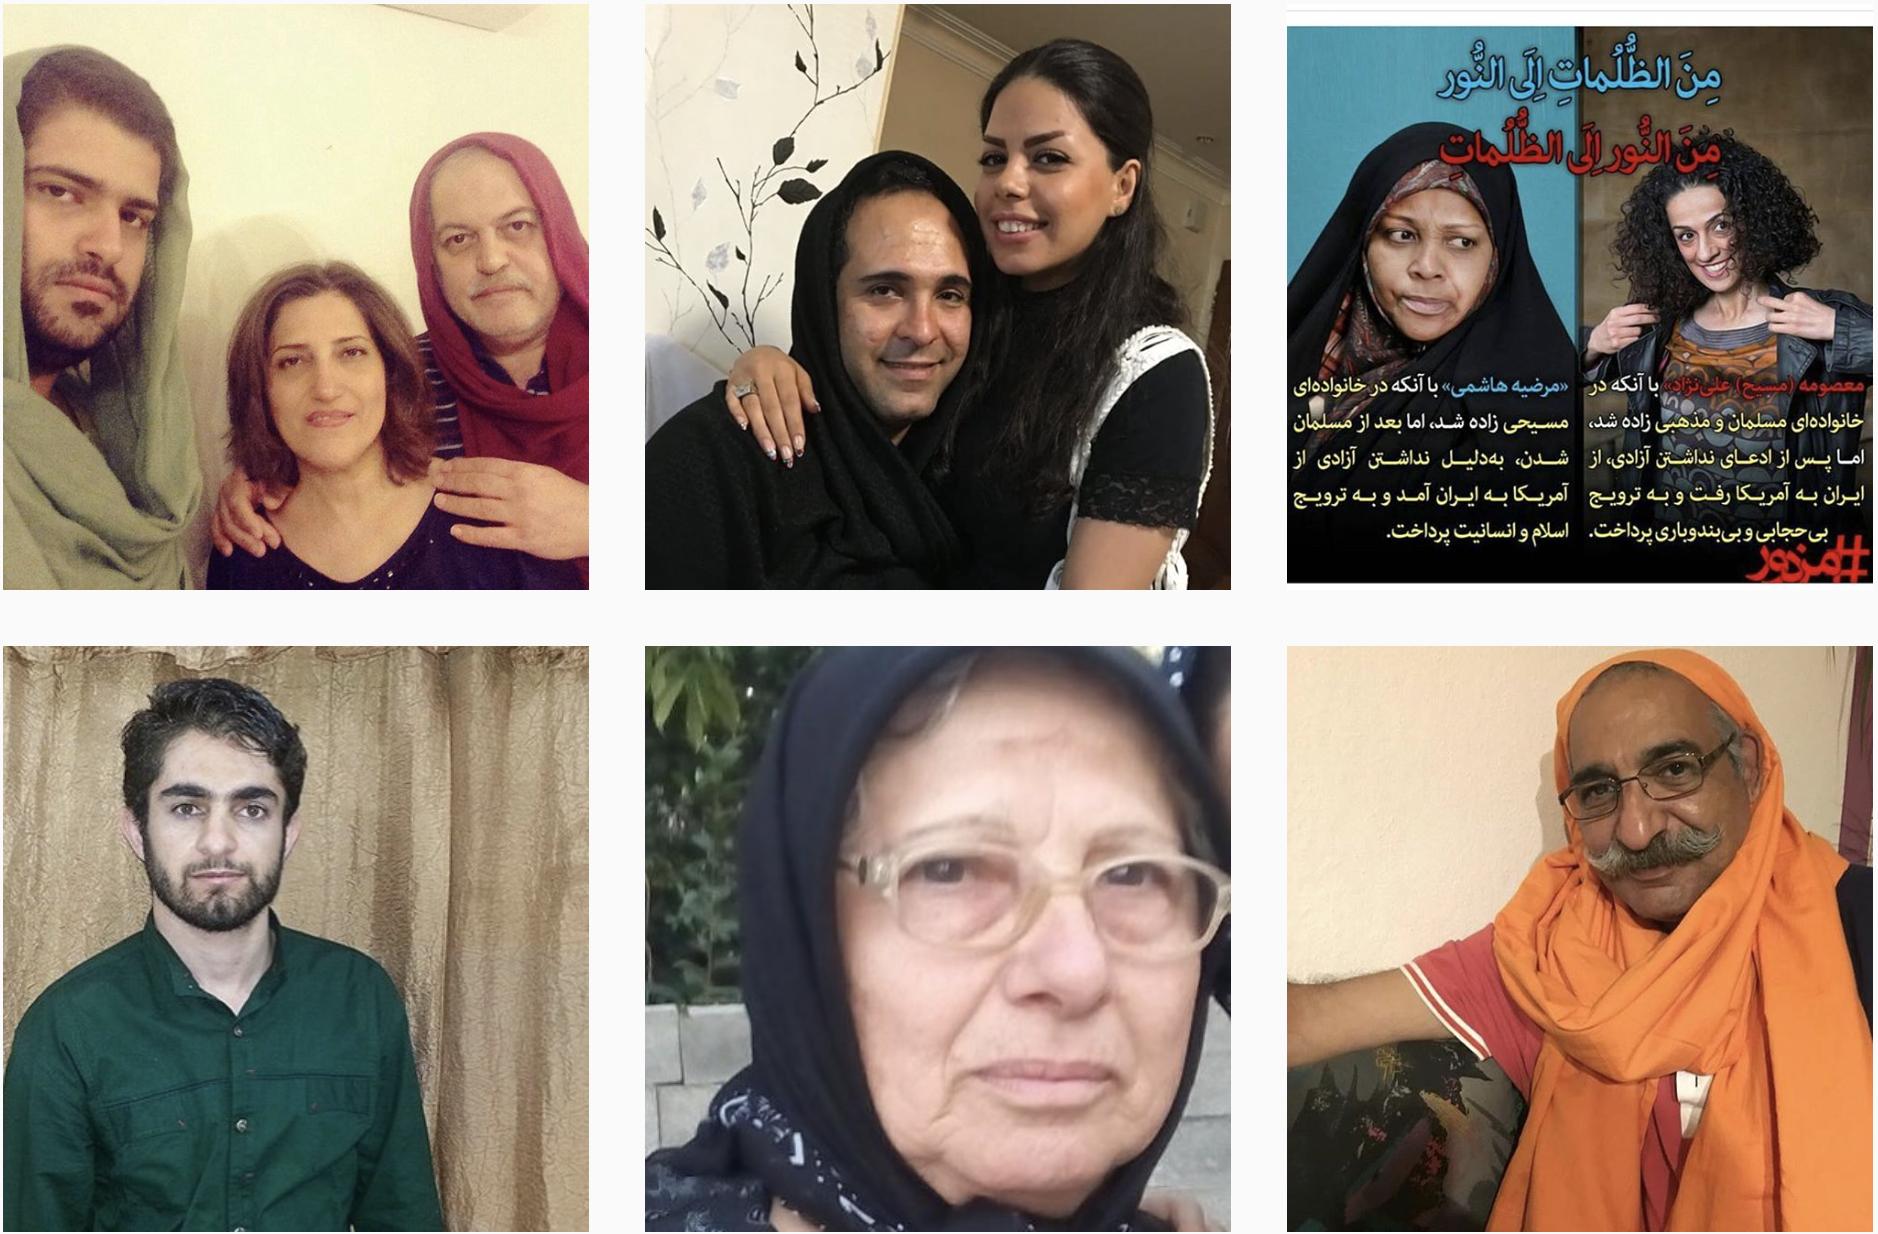 Men Wear Headscarf in Iran in Solidarity With Women, Men Wear Headscarf in Iran in Solidarity With Women